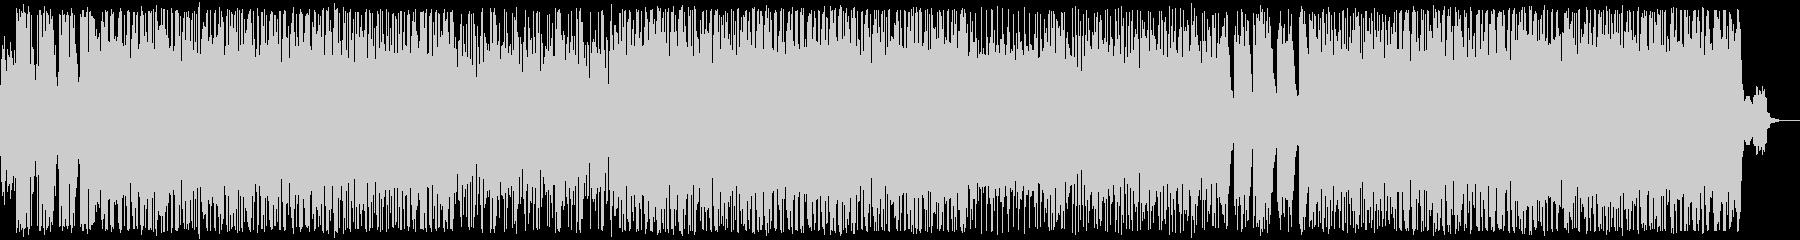 鈍重、激しい、悪そうなゴリゴリロックの未再生の波形